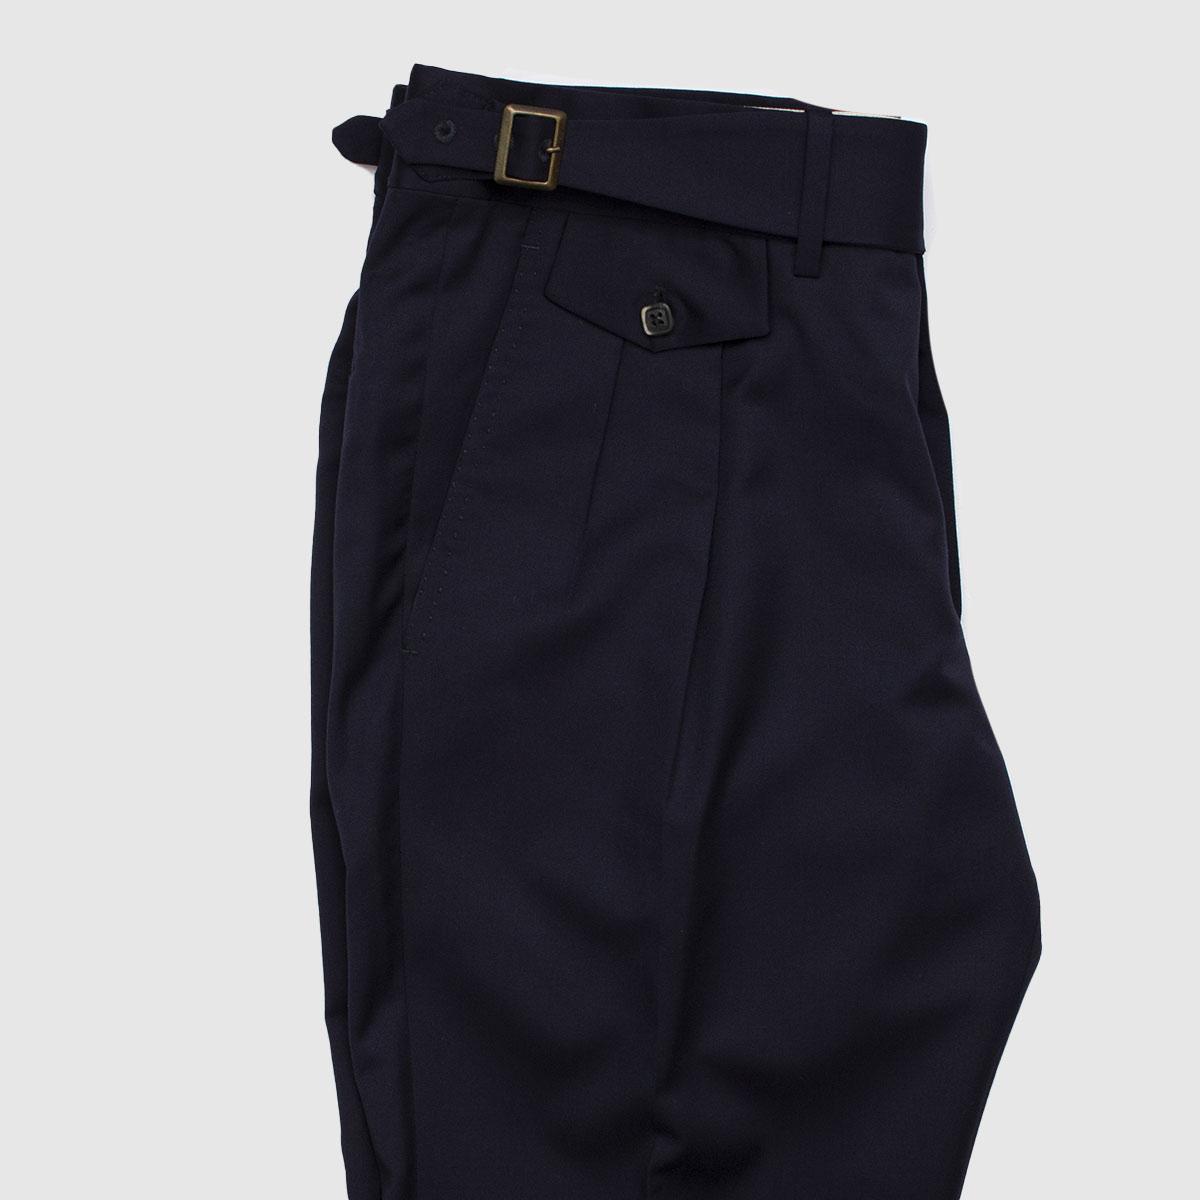 Pantalone a vita alta doppia pinces in Lana blu